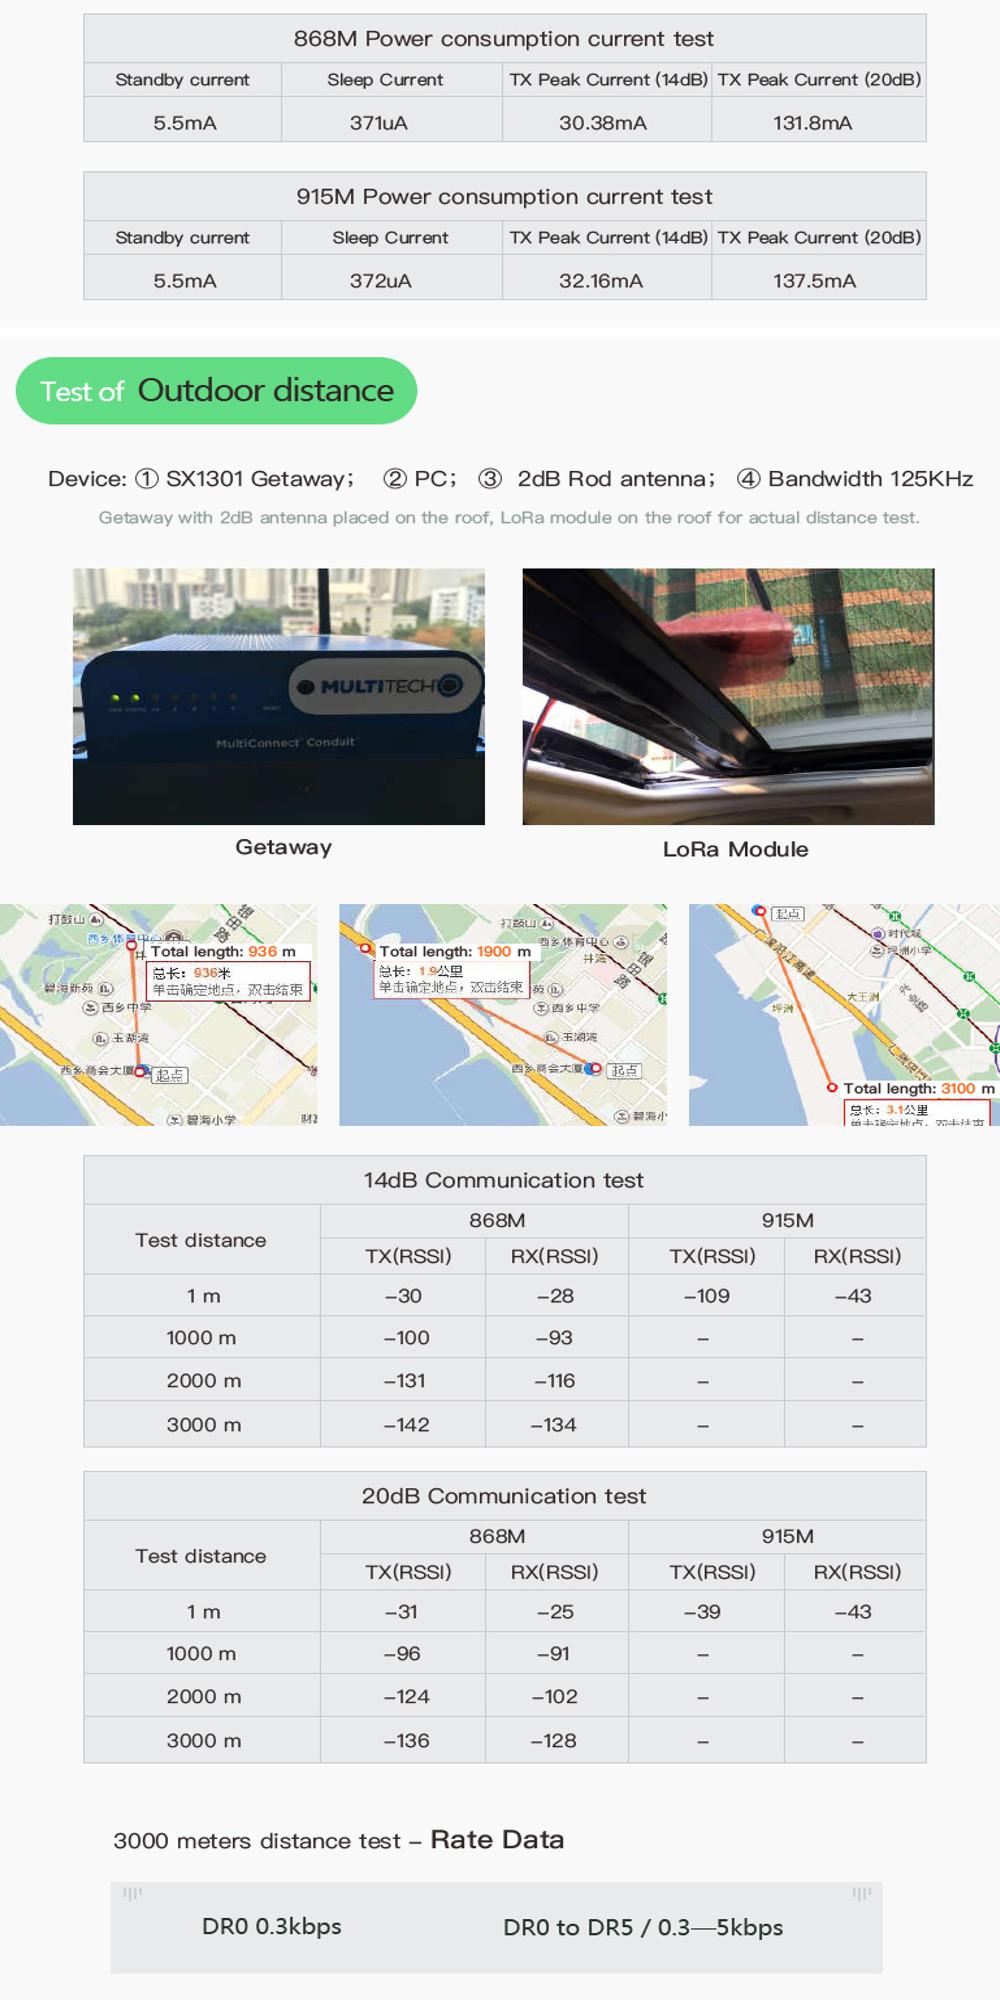 RAK811 LoRa Module 433MHz SX1276 Wireless Communication Spread Spectrum WiFi 3000 Meters Support LoRaWAN Protocol